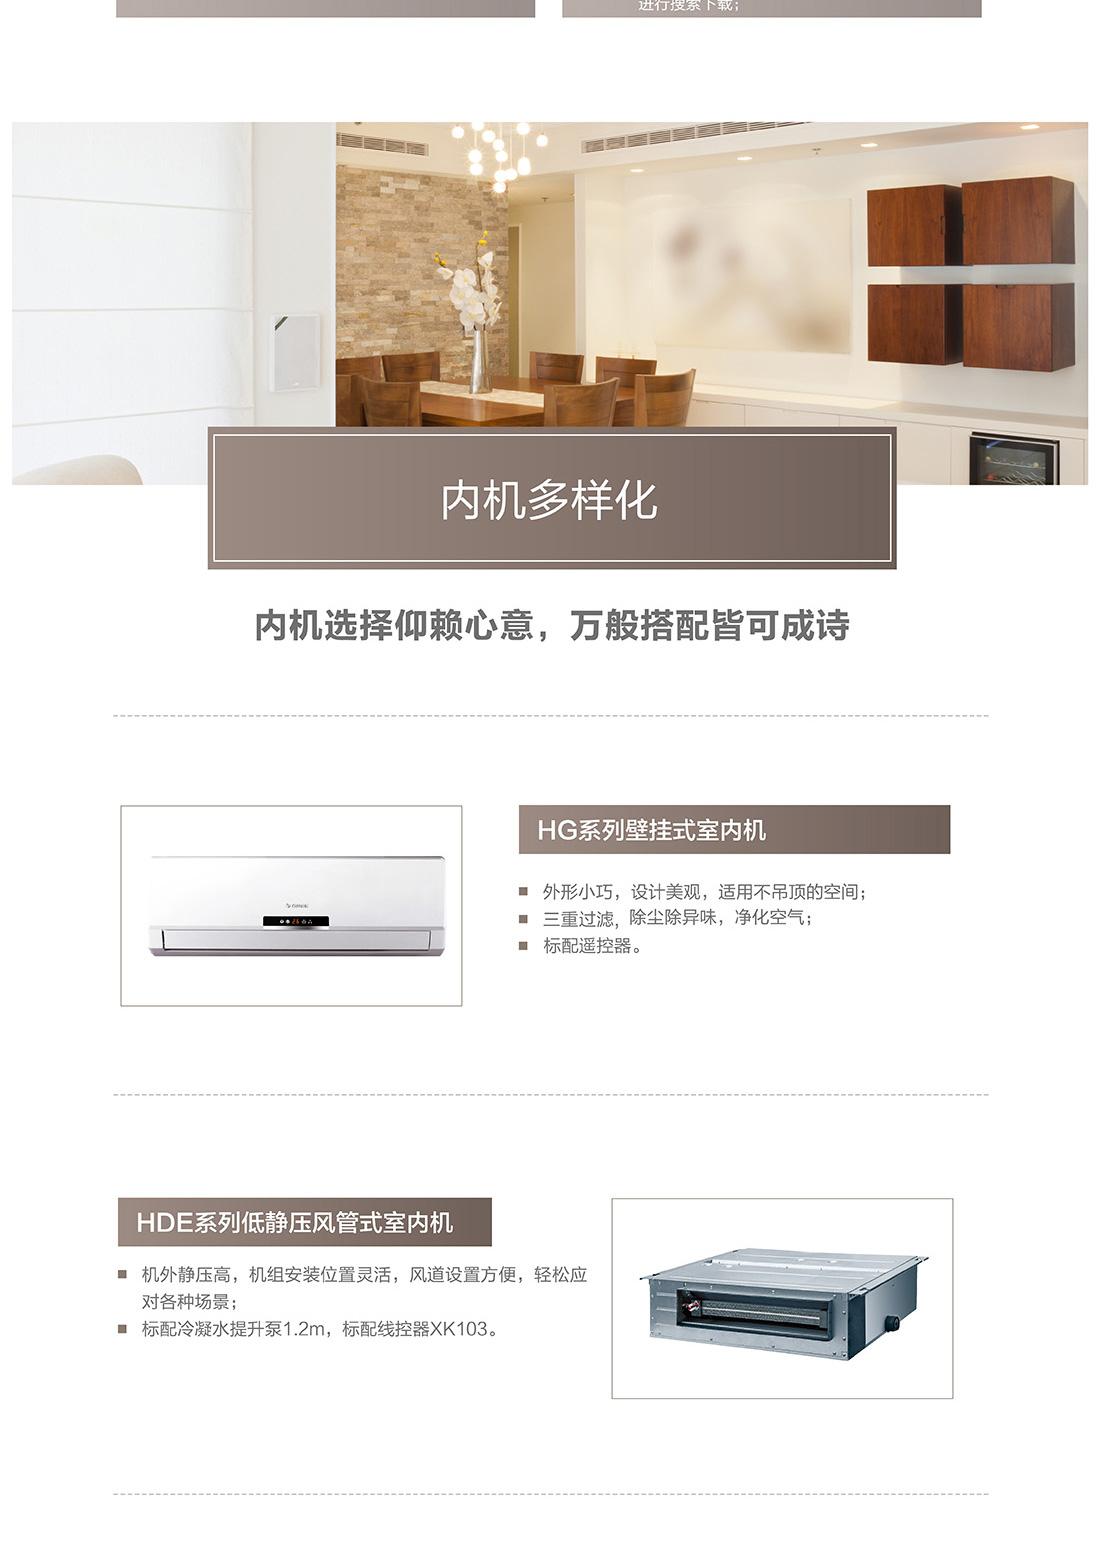 GMV 智睿变频变容家庭中央空调